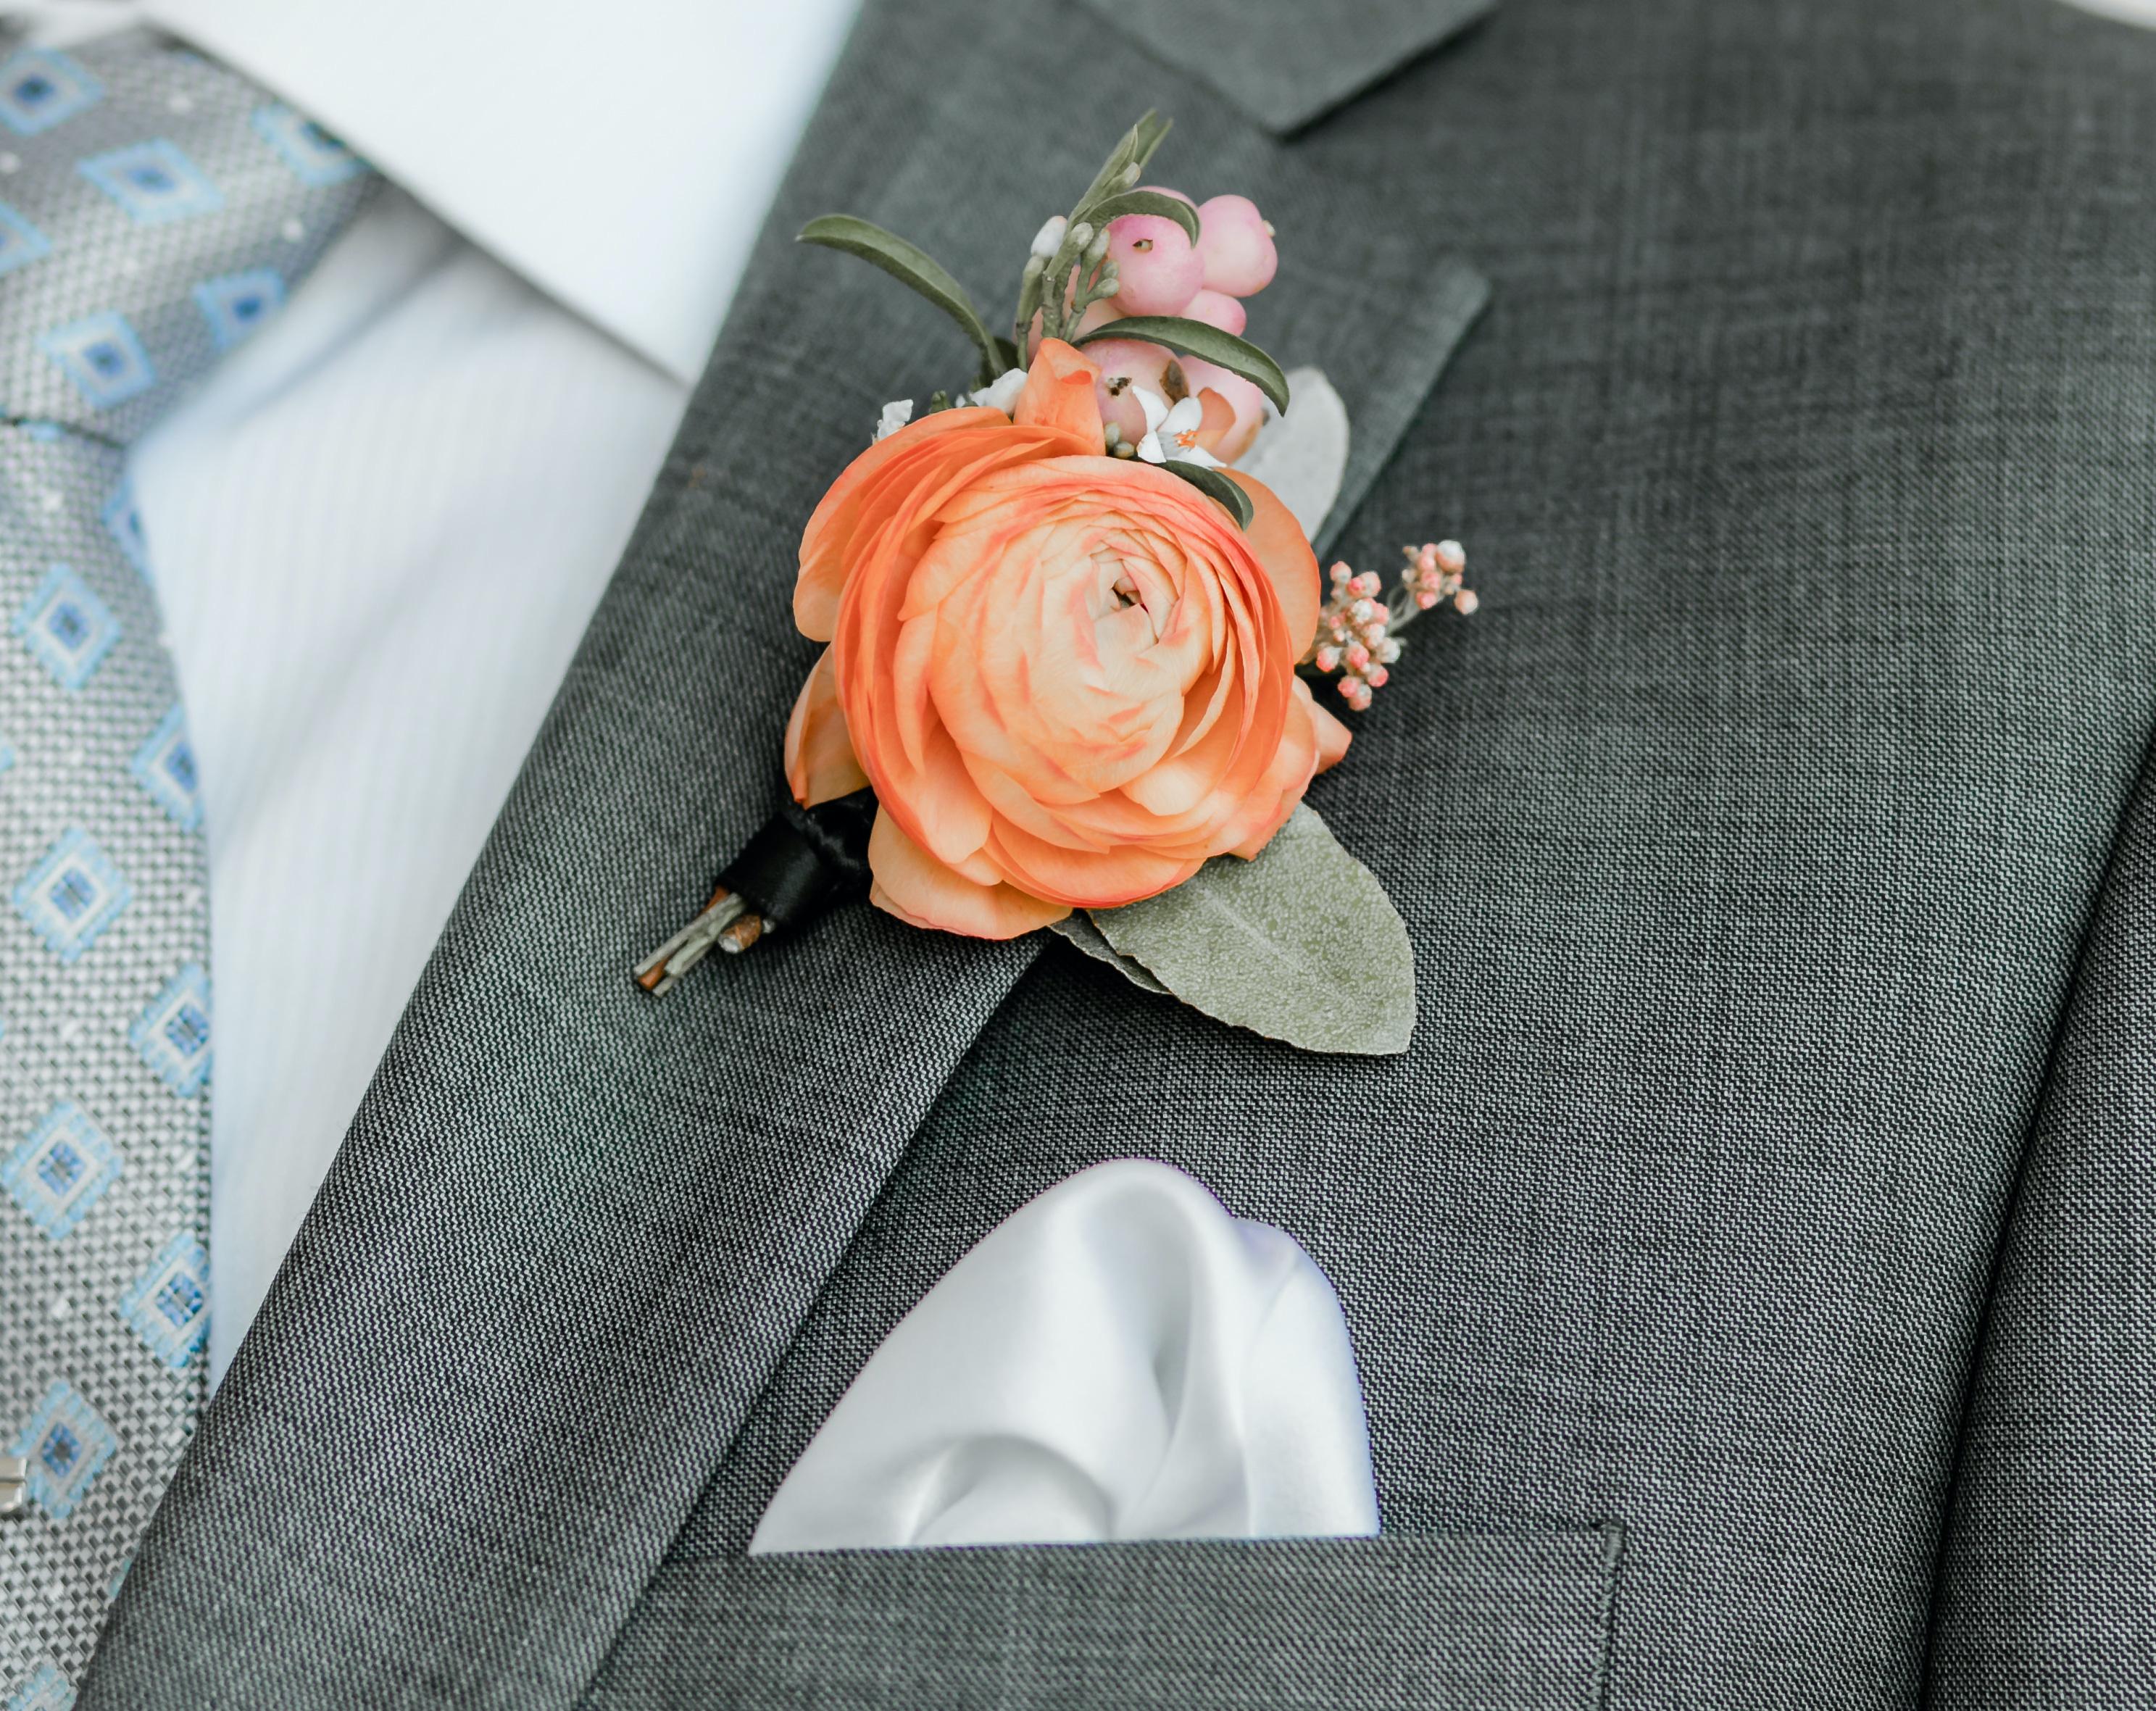 The groom's vibrant orange boutonierre.